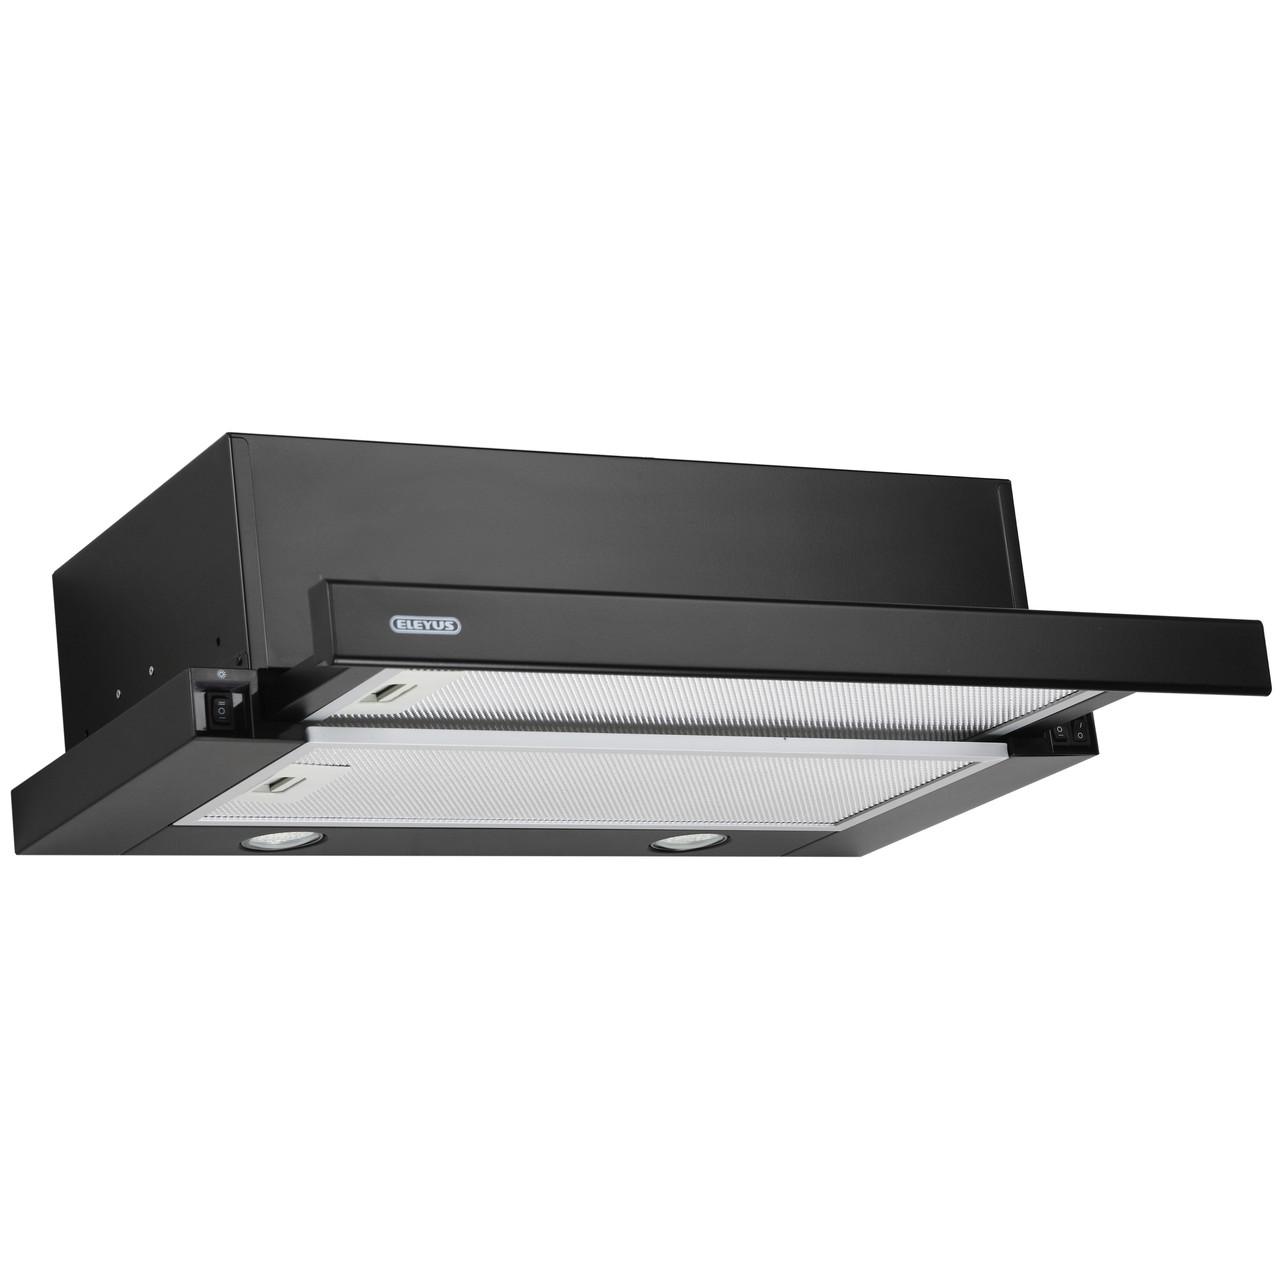 Витяжка кухонна ELEYUS Storm 700 LED SMD 60 BL